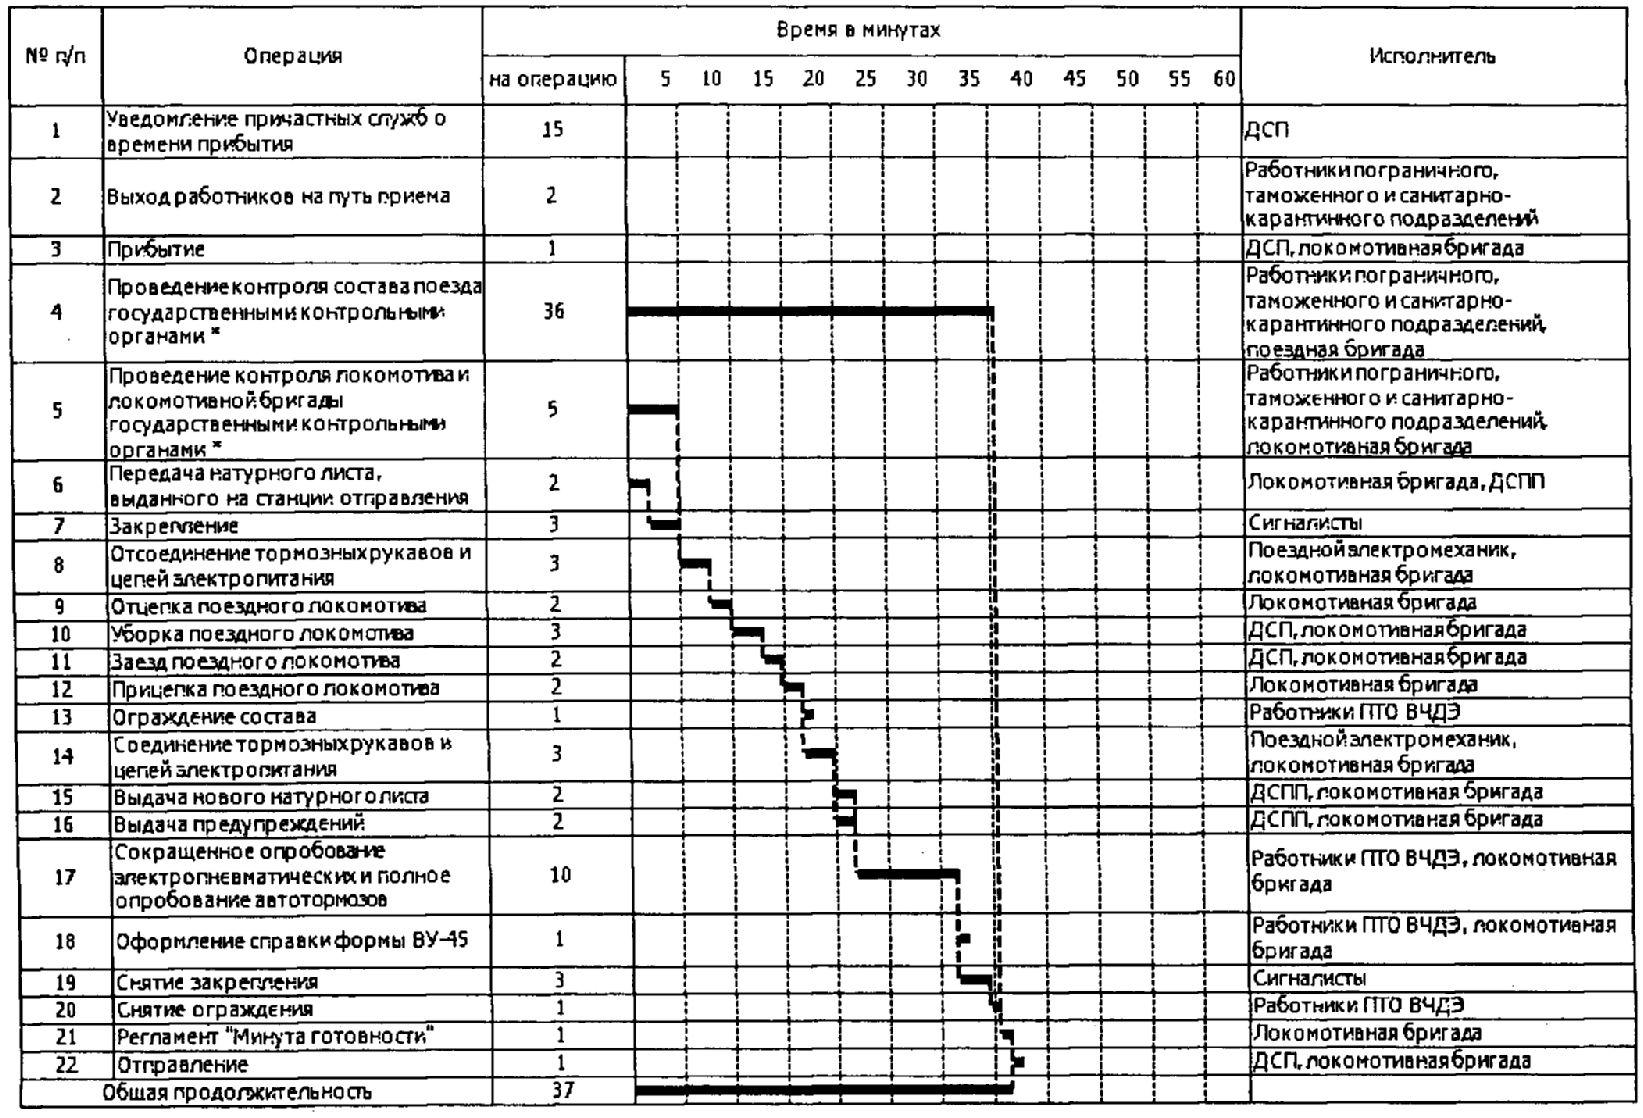 Инструкция по ведению станционной коммерческой отчетности скачать